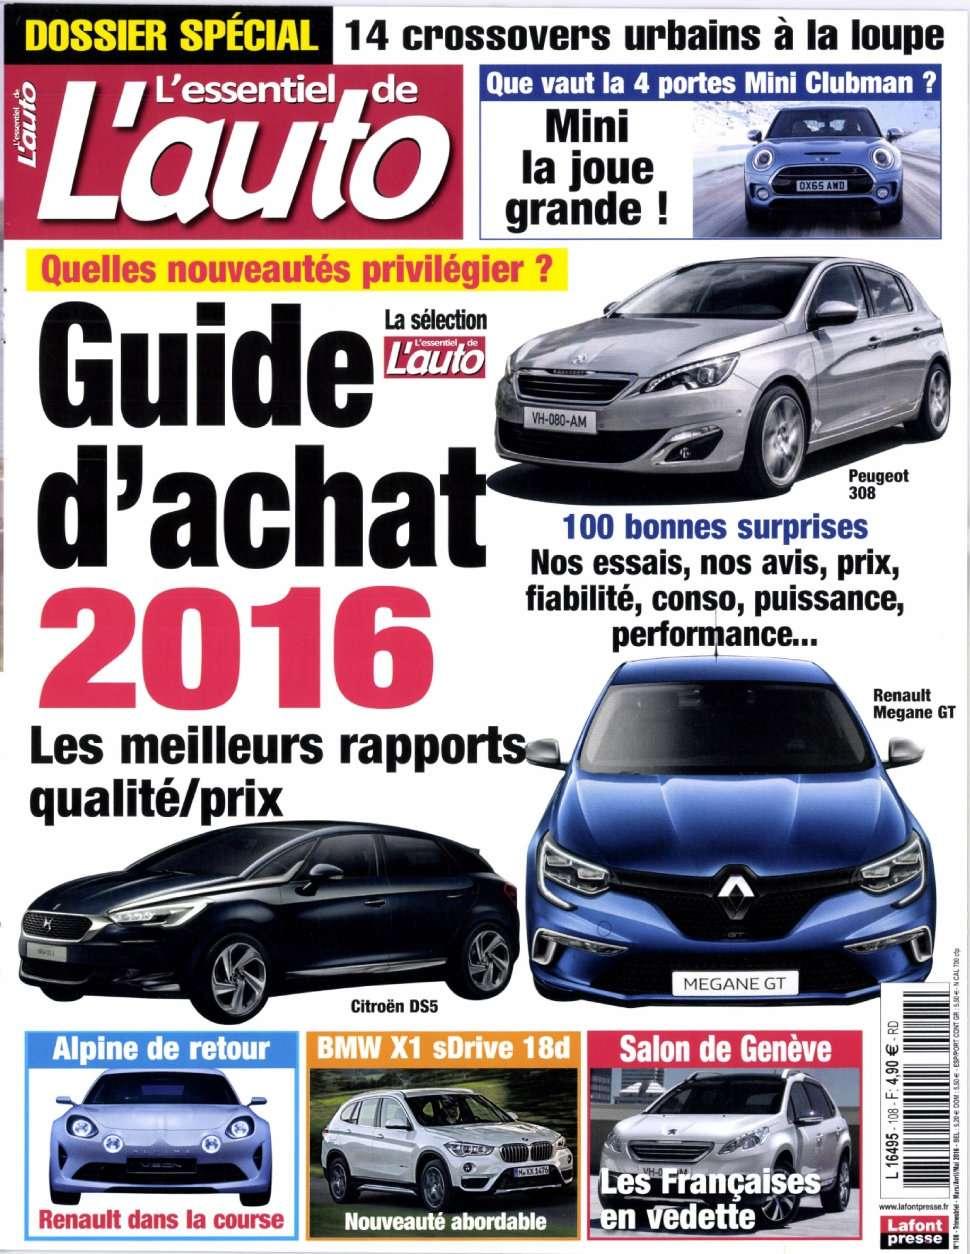 L'Essentiel de l'Auto 108 - Mars/Avril/Mai 2016